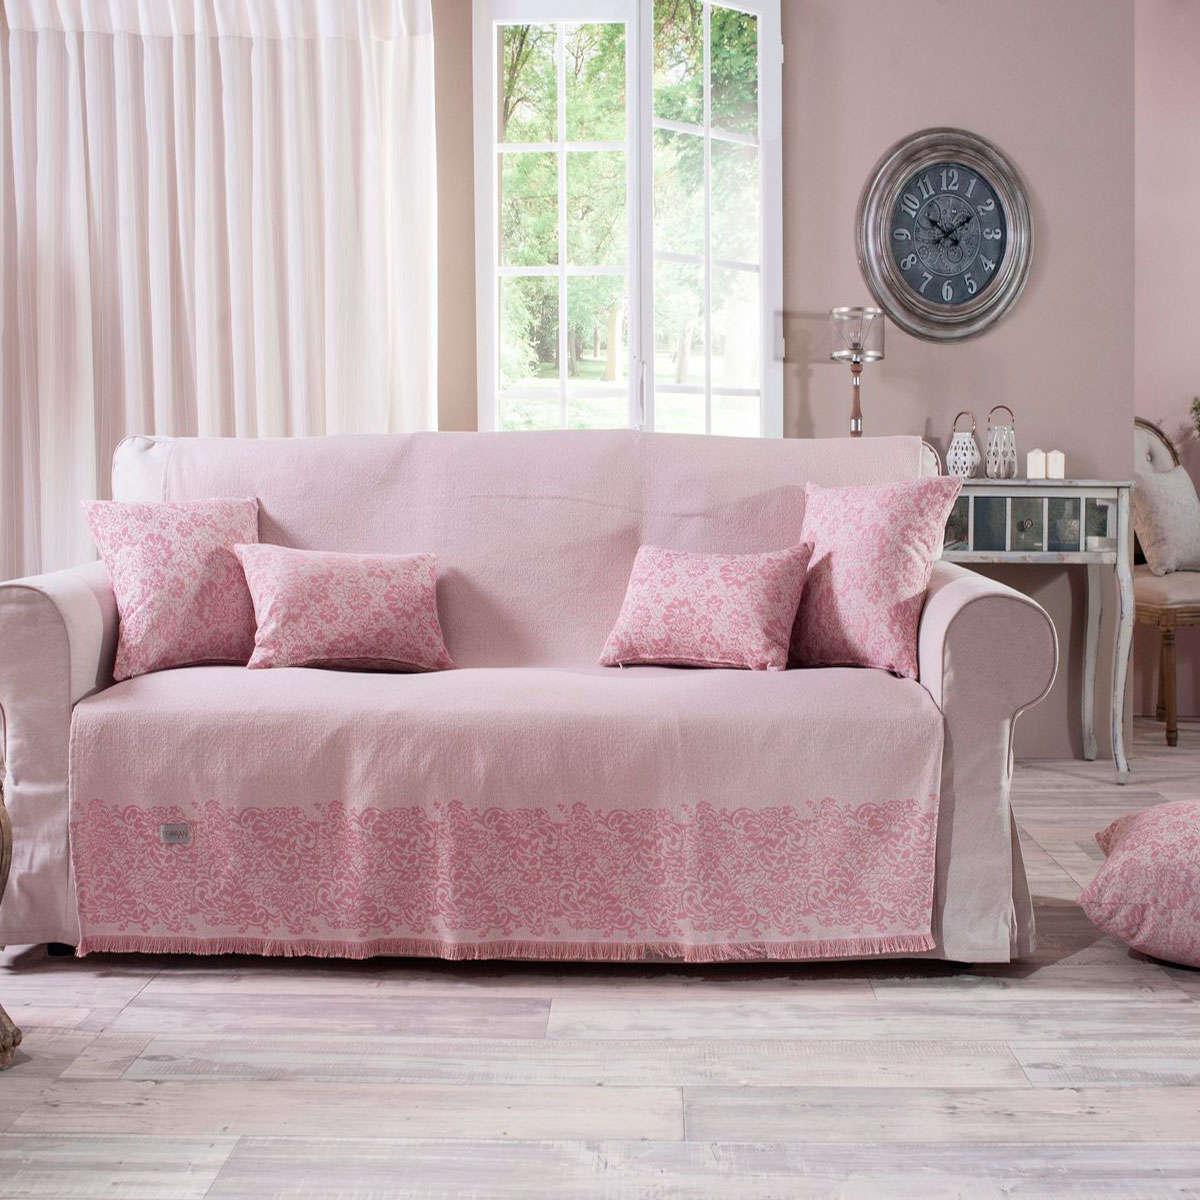 Ριχτάρι Bergamo 06 Pink Teoran Τριθέσιο 180x300cm